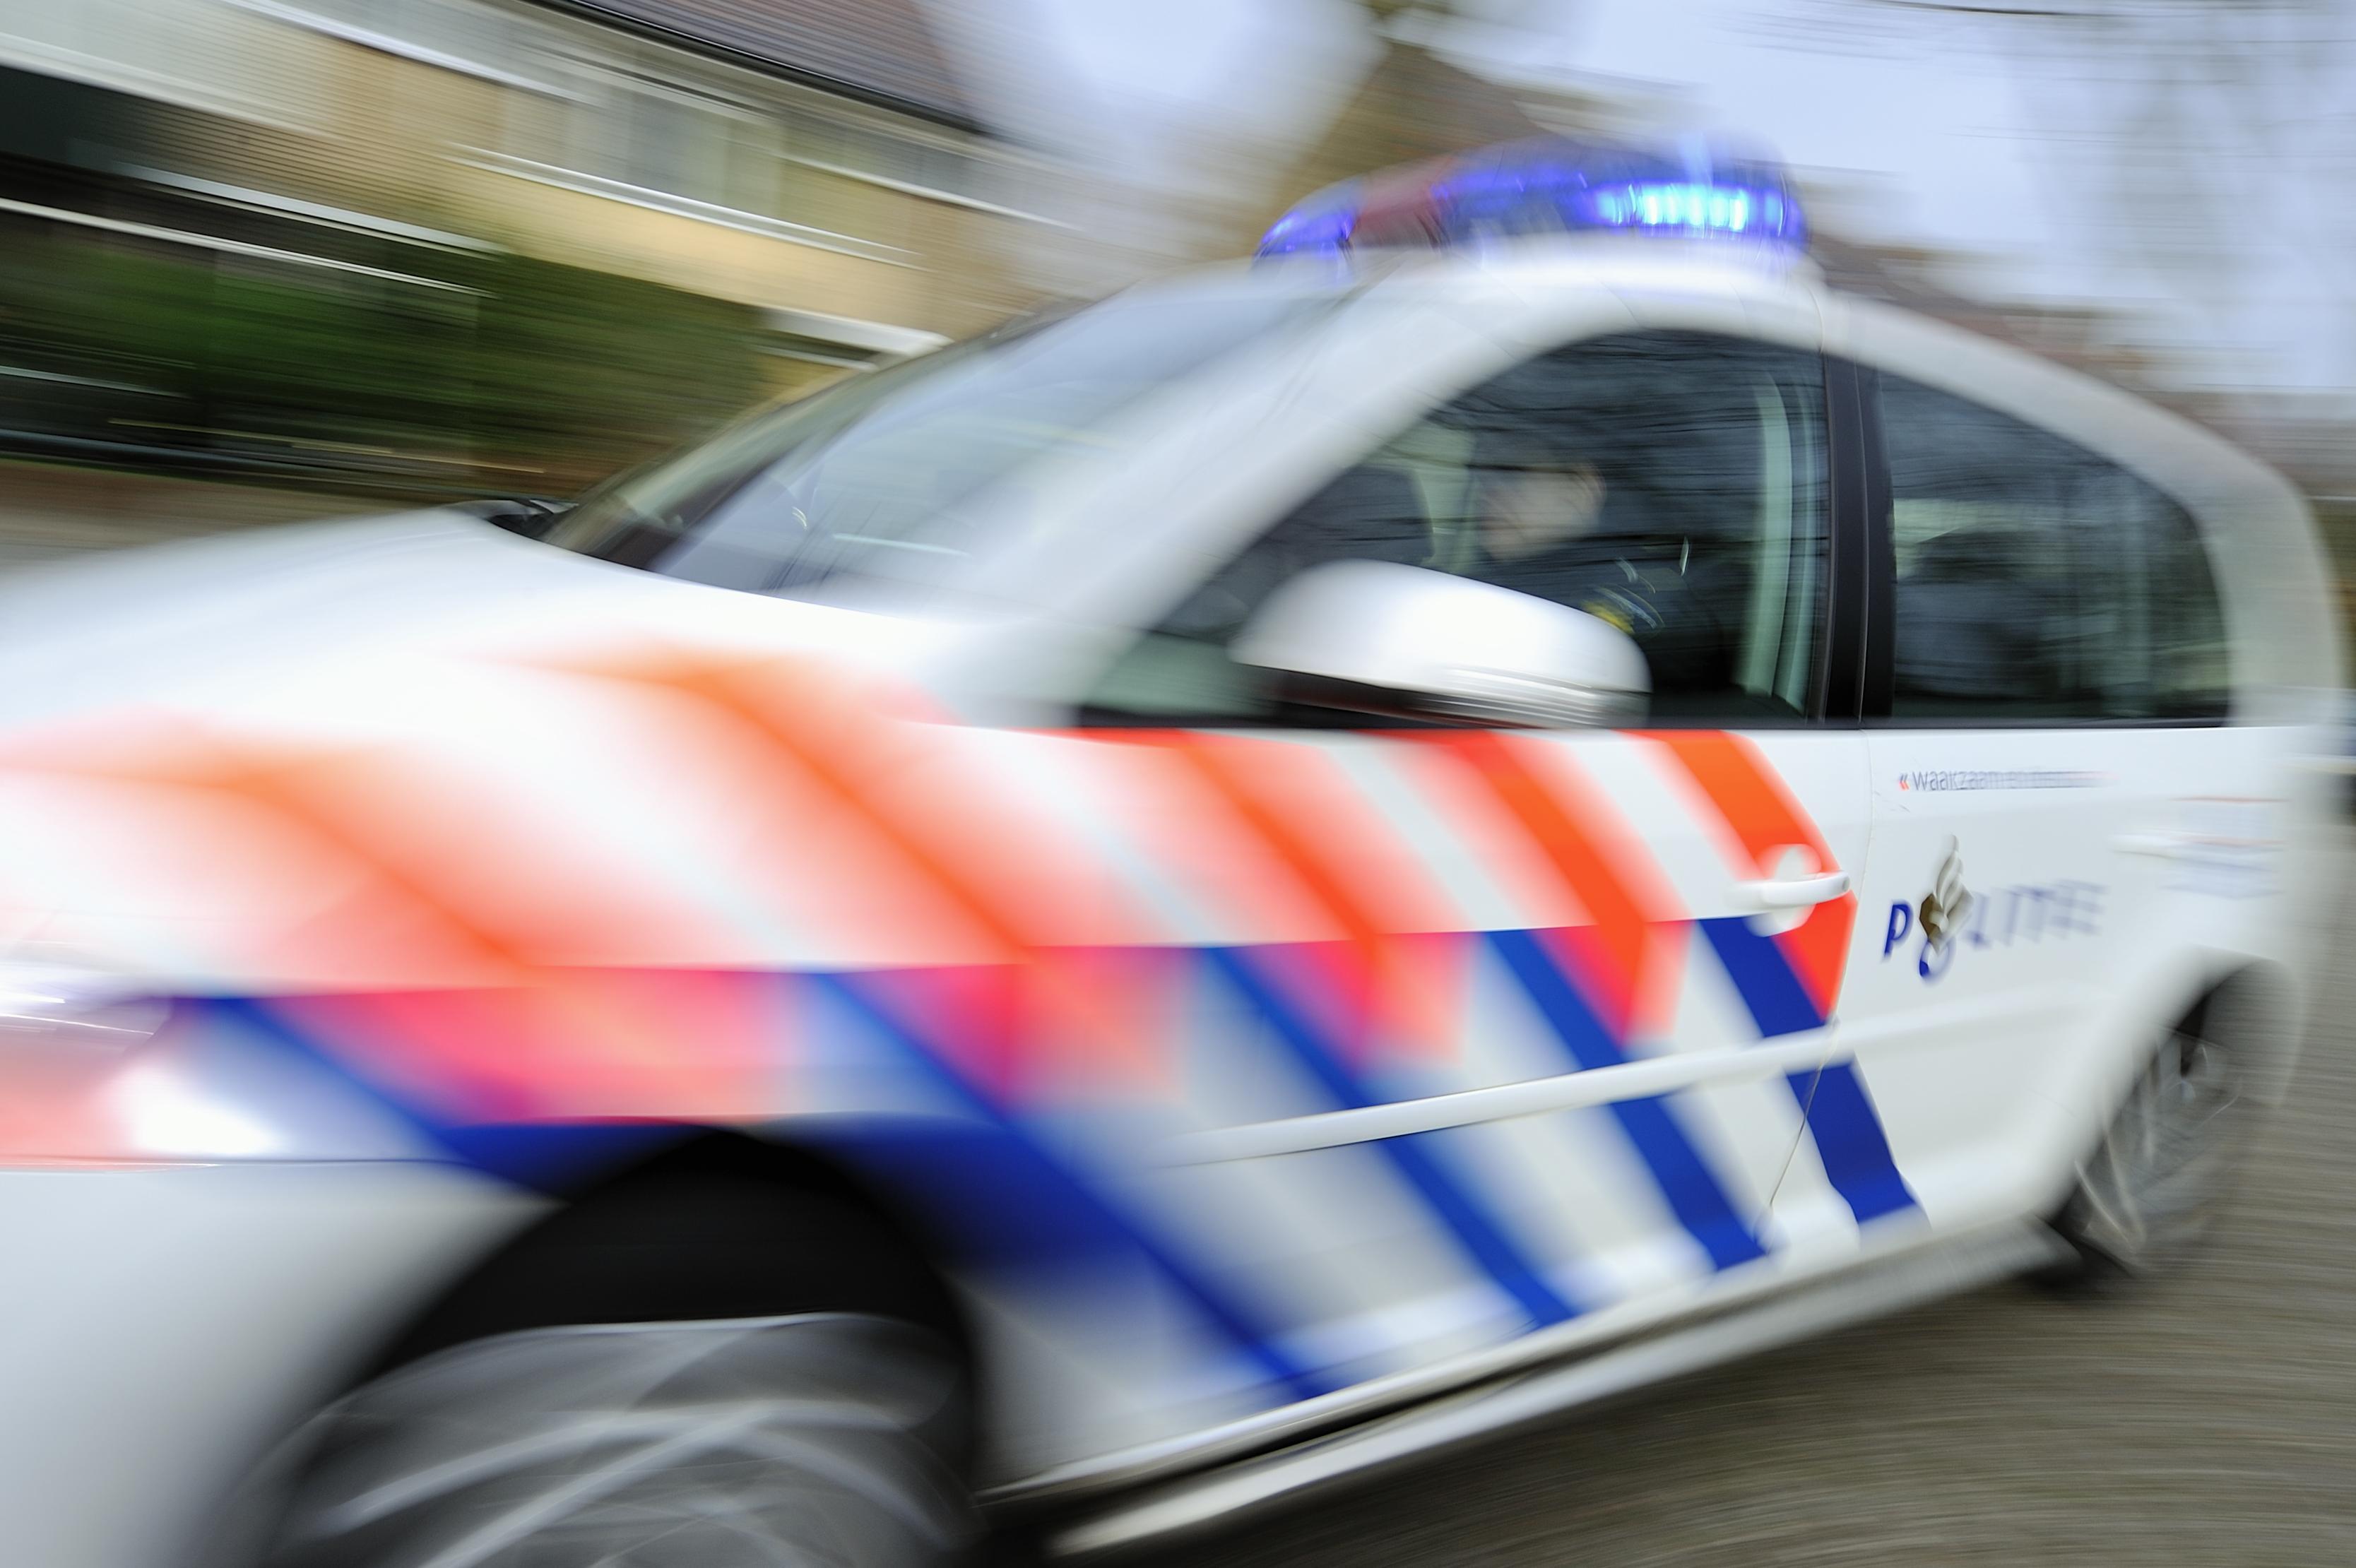 Politie zoekt verblijfplaats Charissa (17): Haarlemse bezorgd over vermiste dochter die tijdelijk in Santpoortse instelling verbleef en sinds afgelopen vrijdag uit zicht is